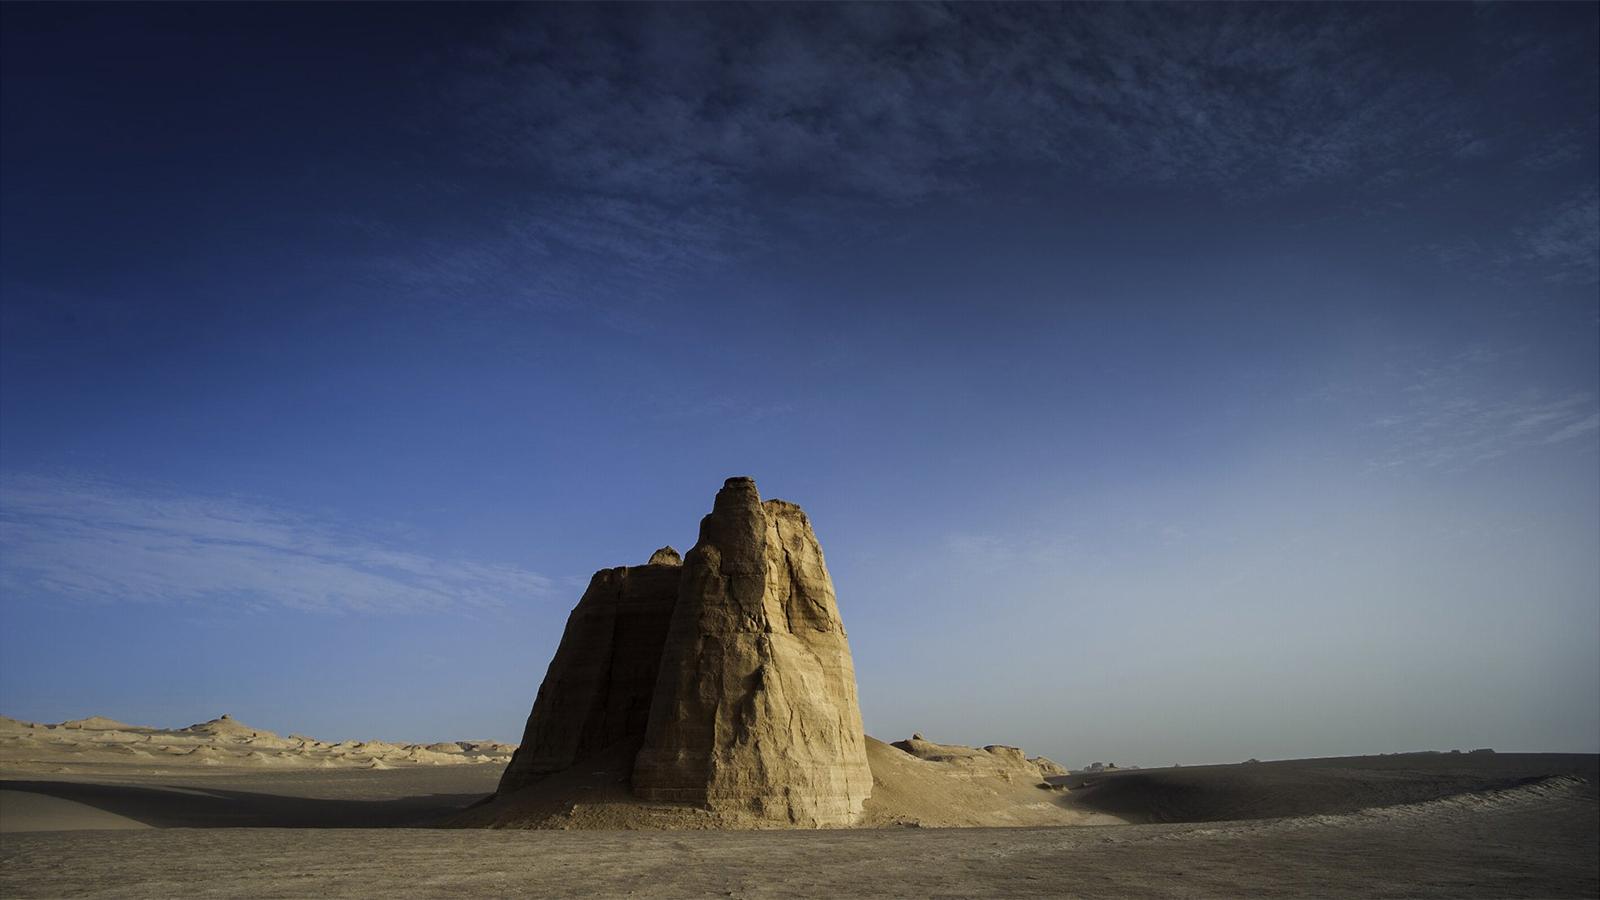 Les formations rocheuses du désert de Lout (Dasht-e-Lut), en Iran - © Fermin Ezcurdia